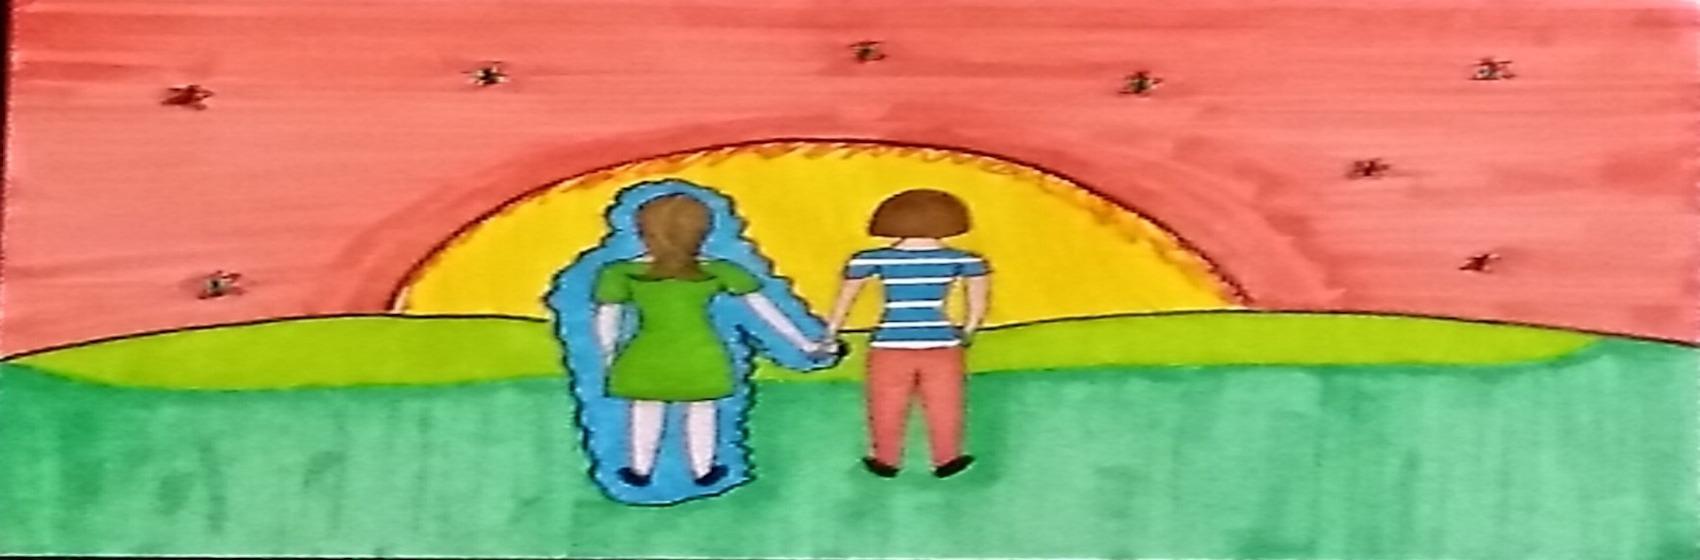 <p>Dzień Przyjaciela 9czerwca Dzień Przyjaciela jest obchodzony na całym świecie 9 czerwca. To jedno z tak zwanych świąt nietypowych. W wielu krajach tego dnia obdarowuje się bliskich drobnymi prezentami lub słodyczami. Warto go spędzić ze swoim najlepszym przyjacielem/przyjaciółką w wyjątkowy sposób. To świetna okazja, aby okazać komuś wdzięczność za obecność [&hellip;]</p>